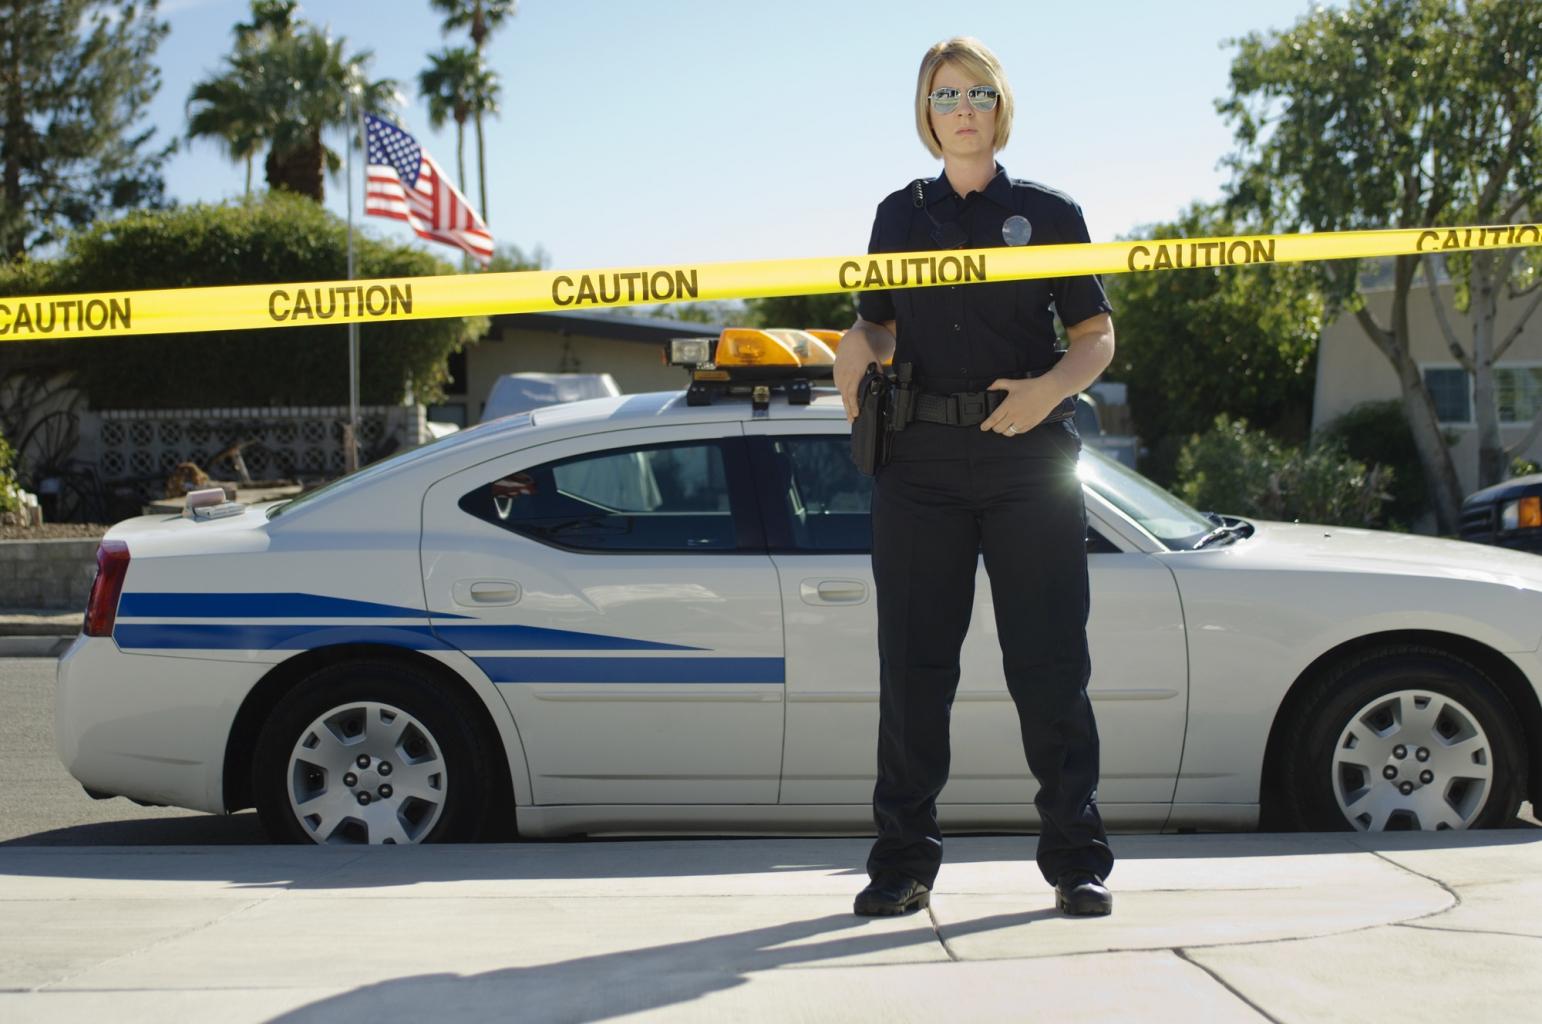 Der Tatort wird von der Polizei gesichert